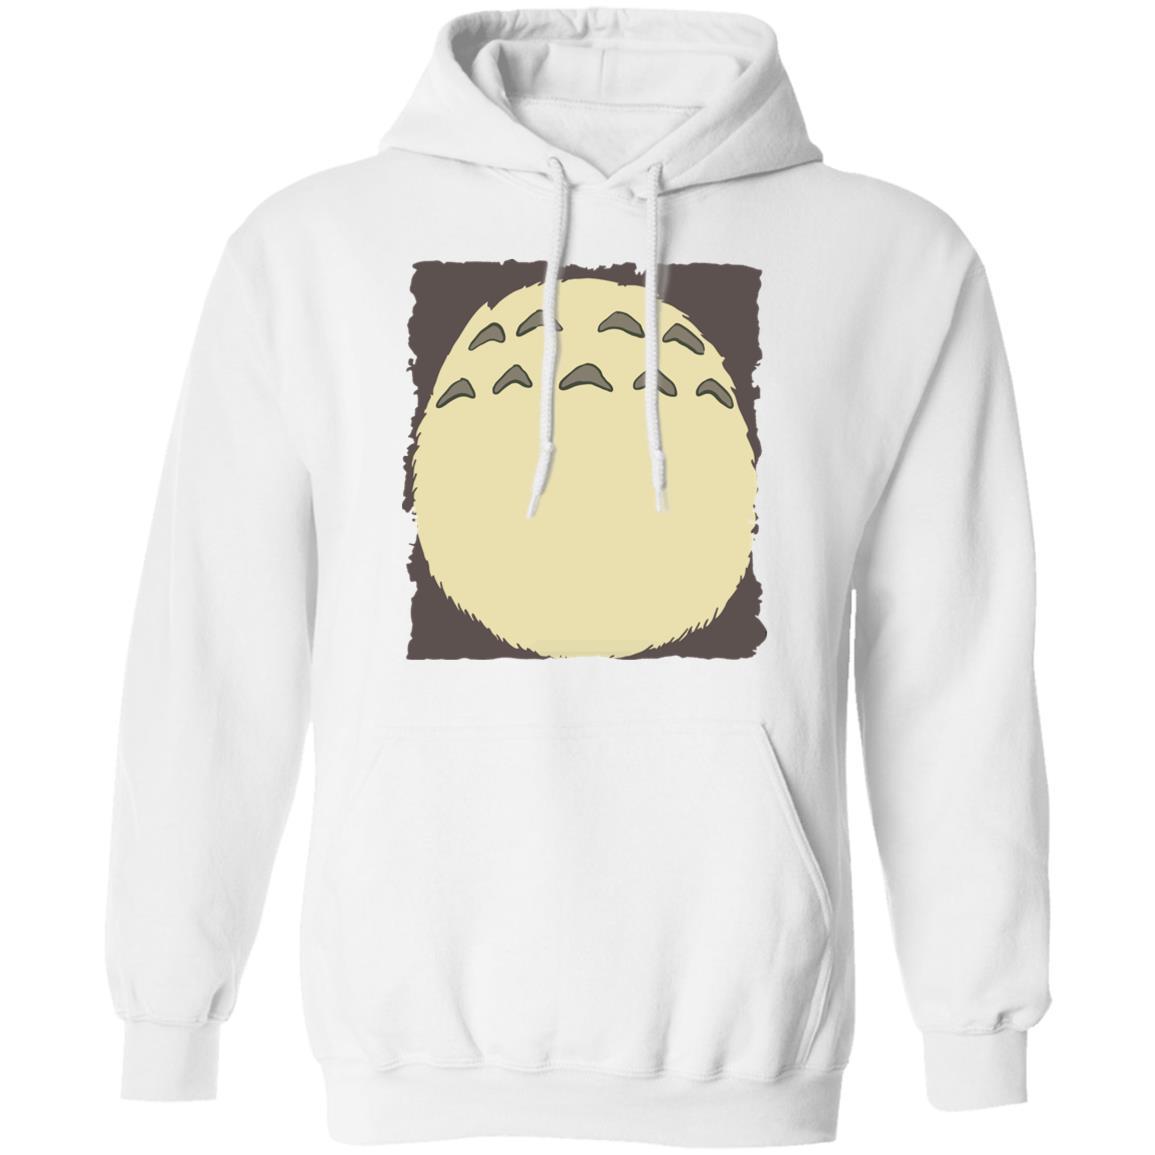 My Neighbor Totoro – Totoro Belly Hoodie